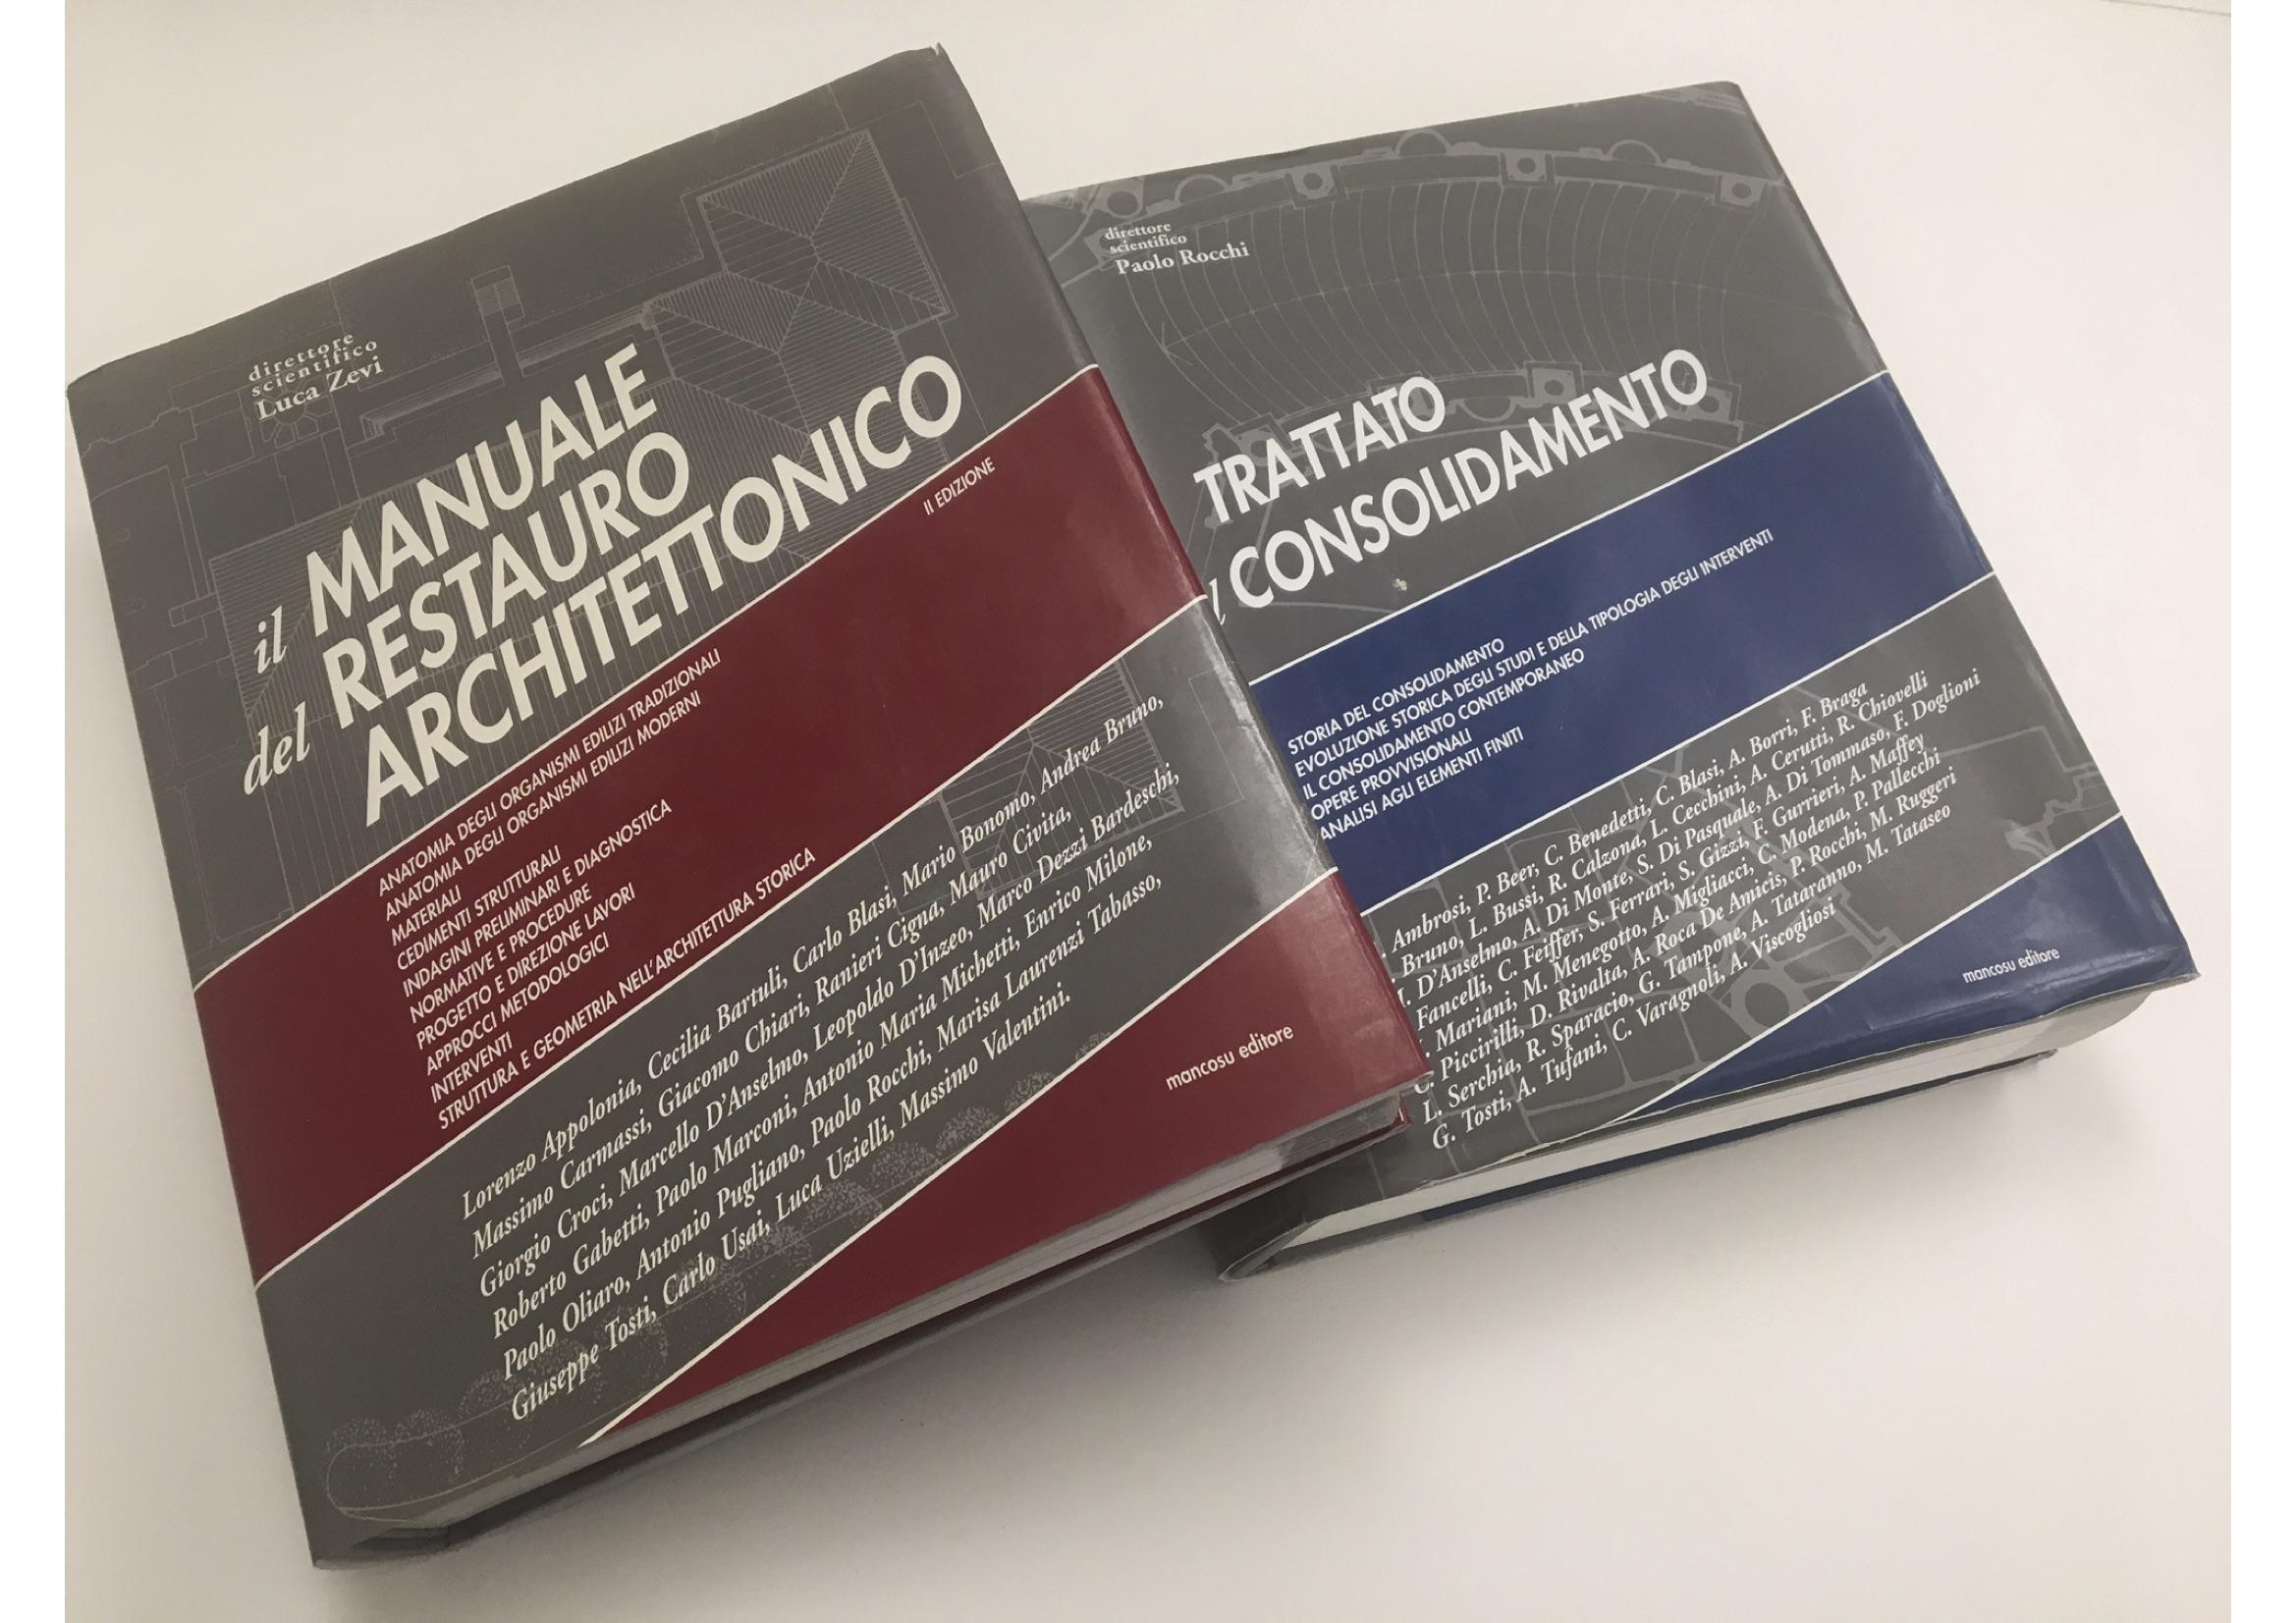 manuali consolidamento